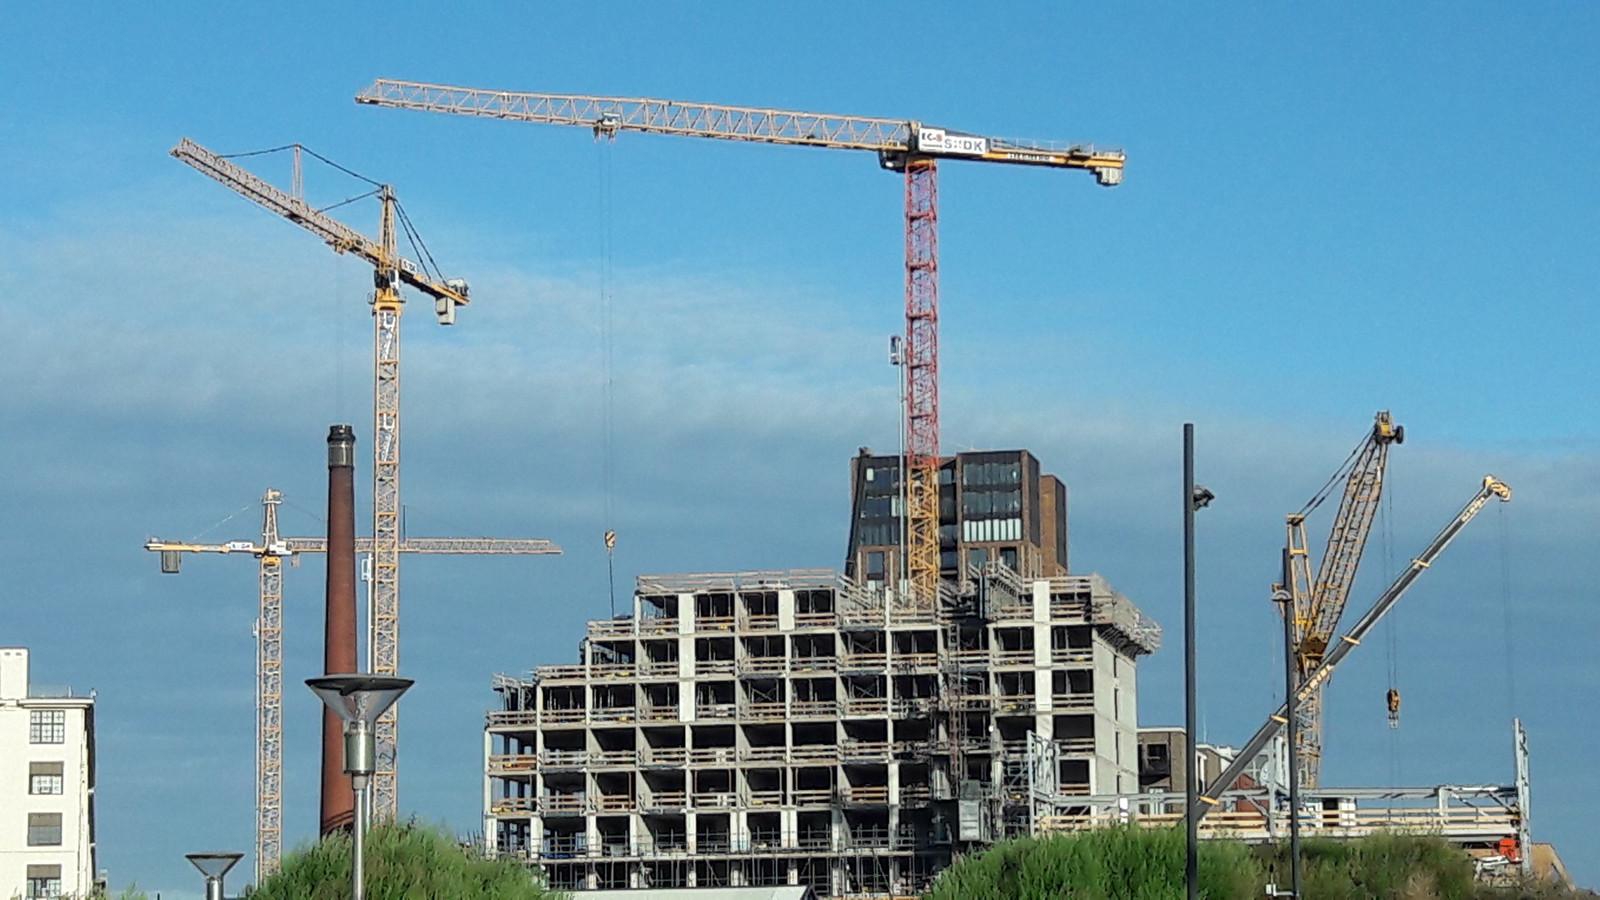 Bouwkranen domineren het beeld van Strijp-S in Eindhoven op dit moment.